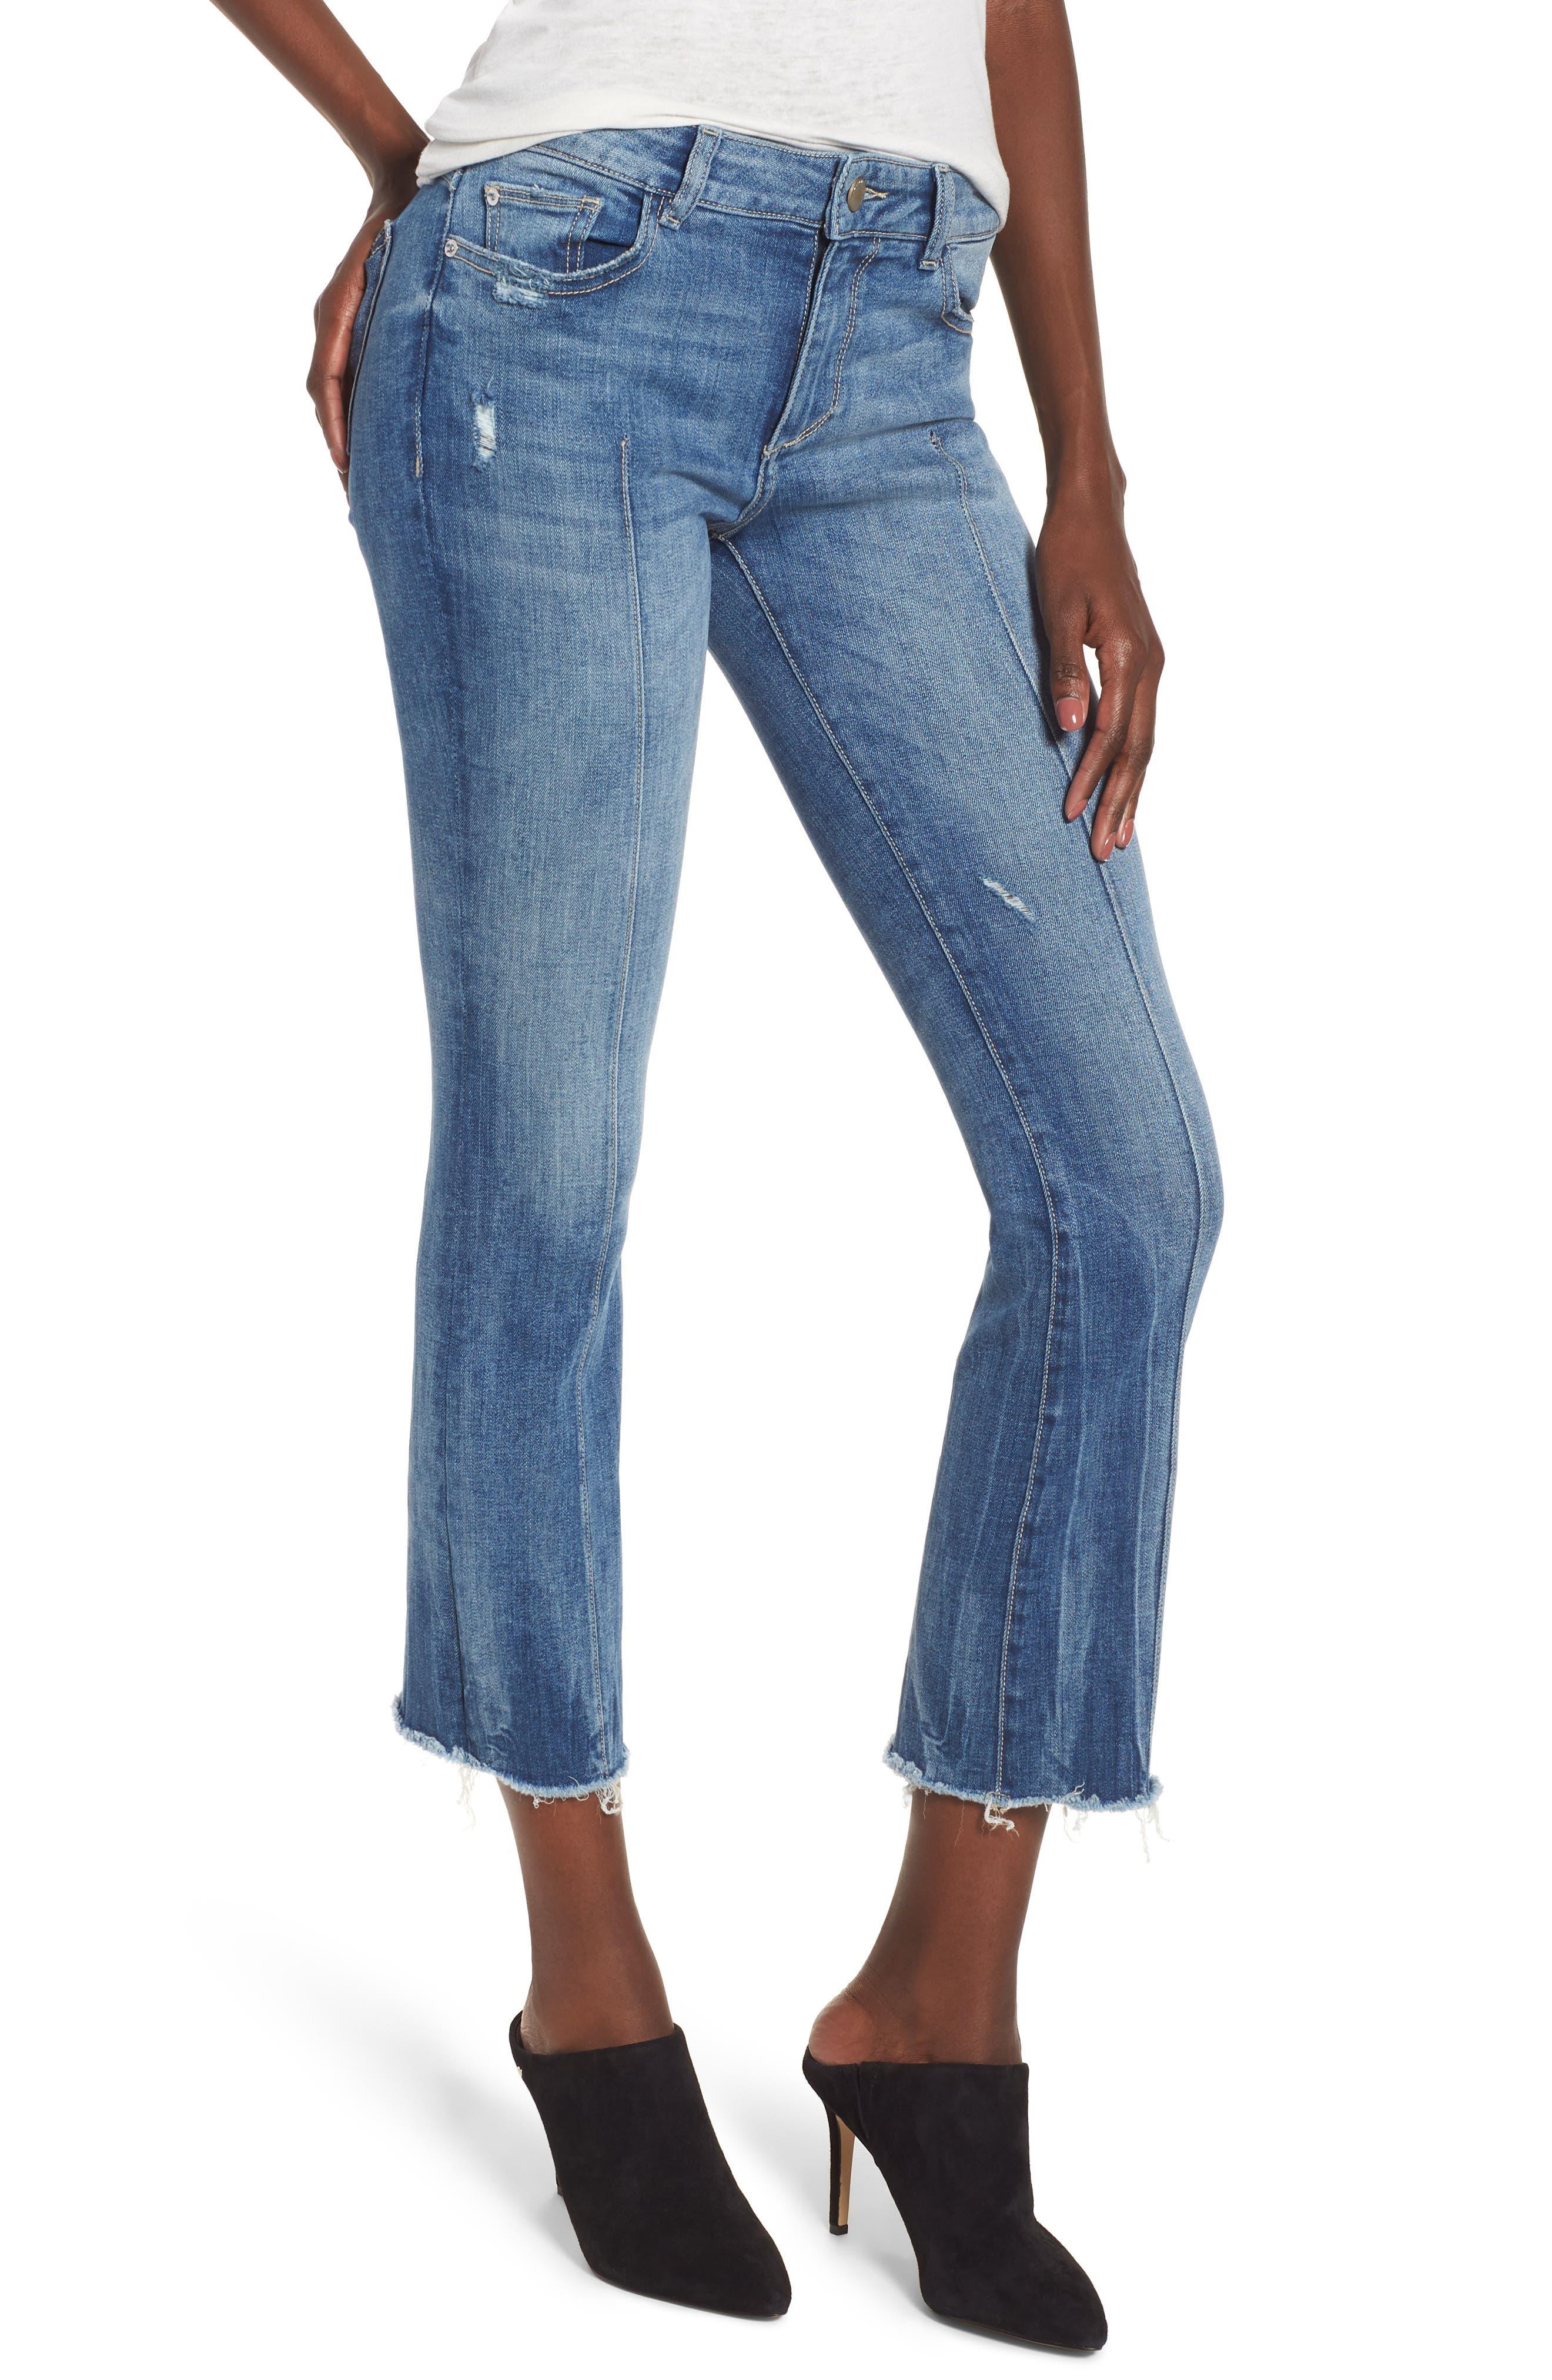 DL1961 Lara Instasculpt Crop Flare Jeans (Davidson)